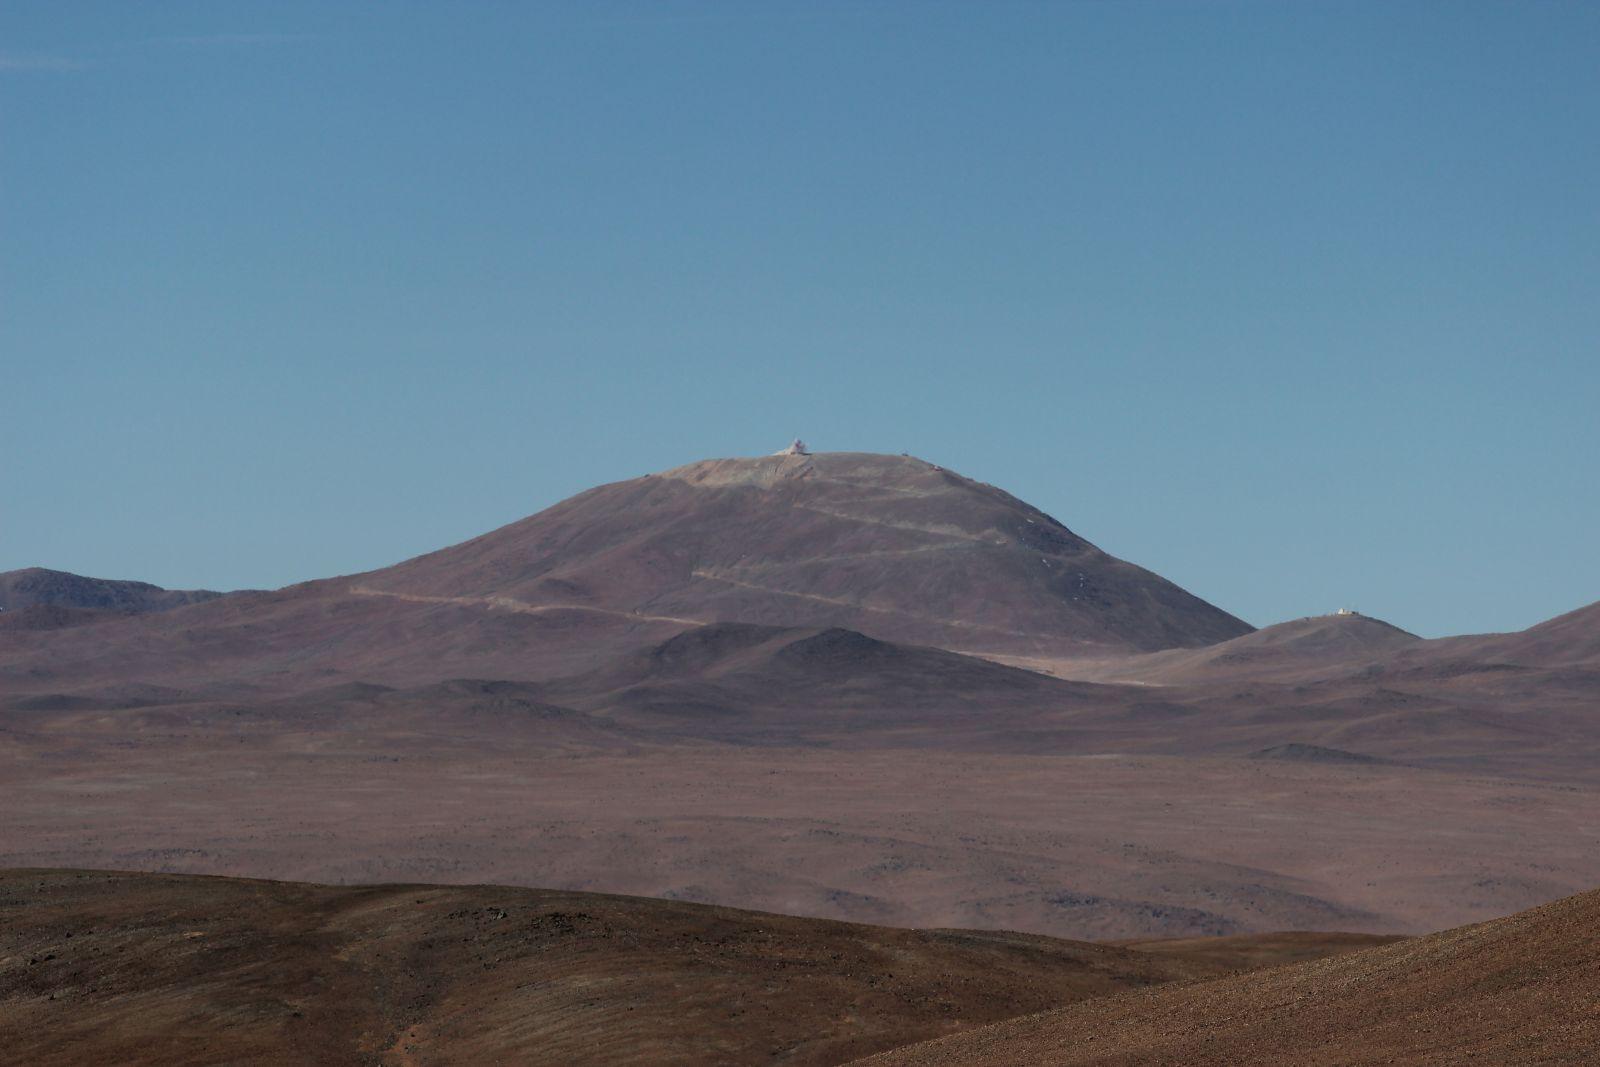 Das war der EELT-Blast: das Kleine Wölkchen wurde immerhin durch die Sprengung von 5000 Kubikmeter Gestein ausgelöst. Insgesamt werden rund 220000 Kubikmeter vom Gipfel abgesprengt.